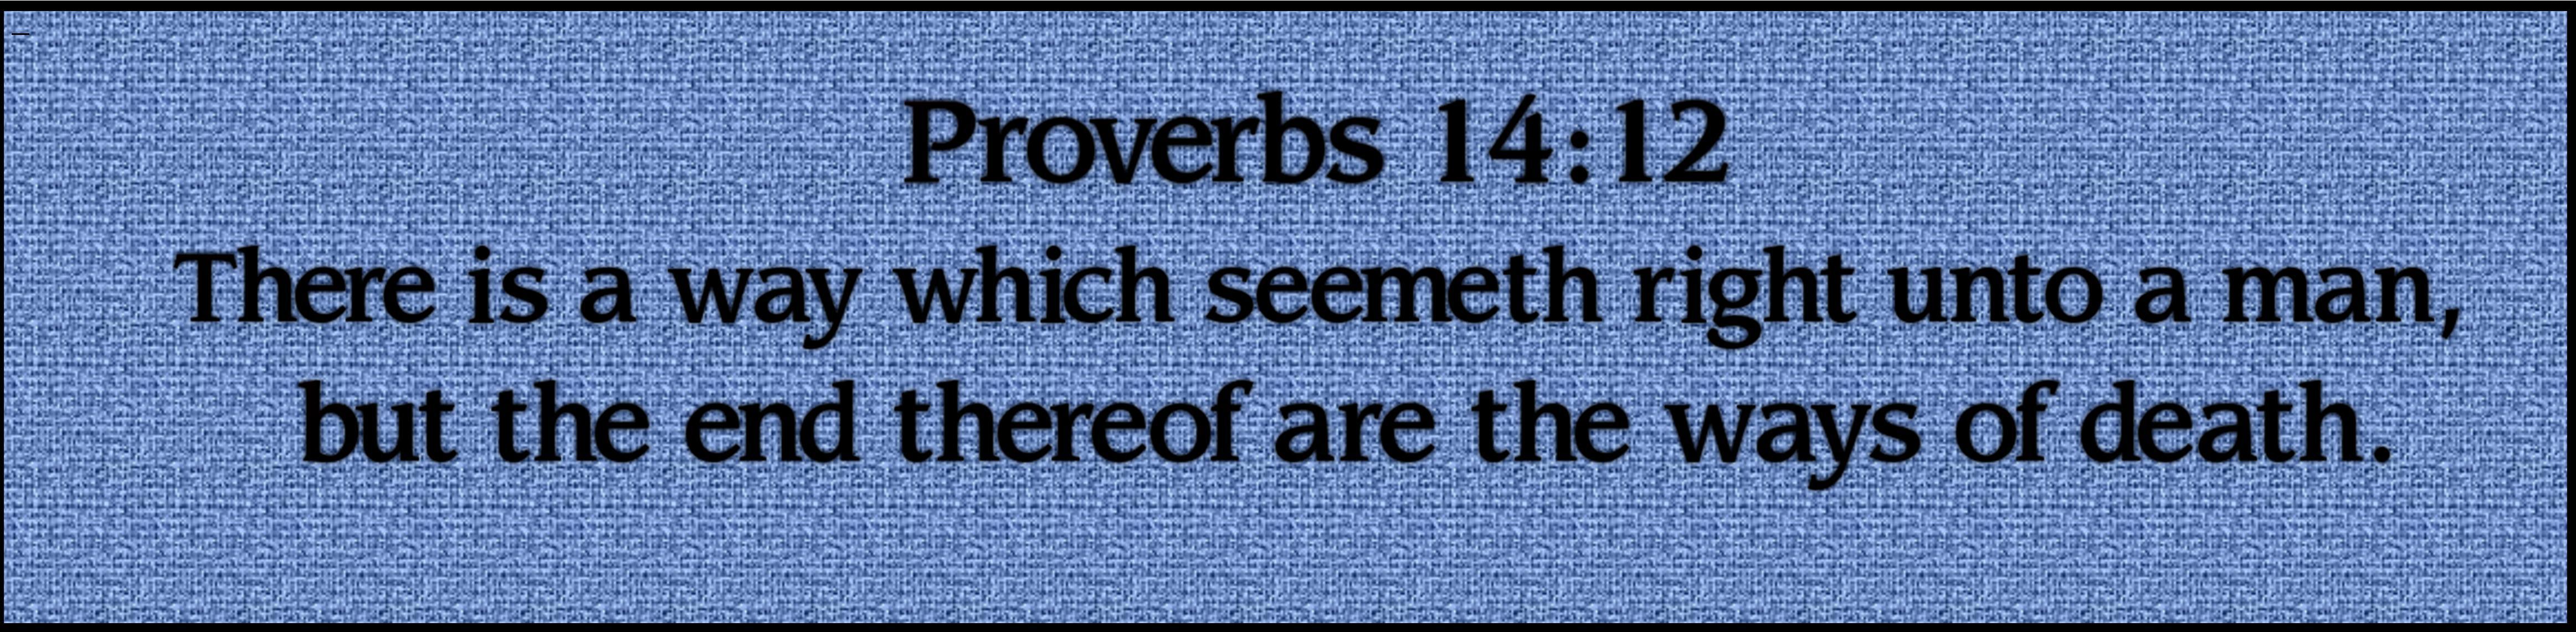 Proverbs 1412